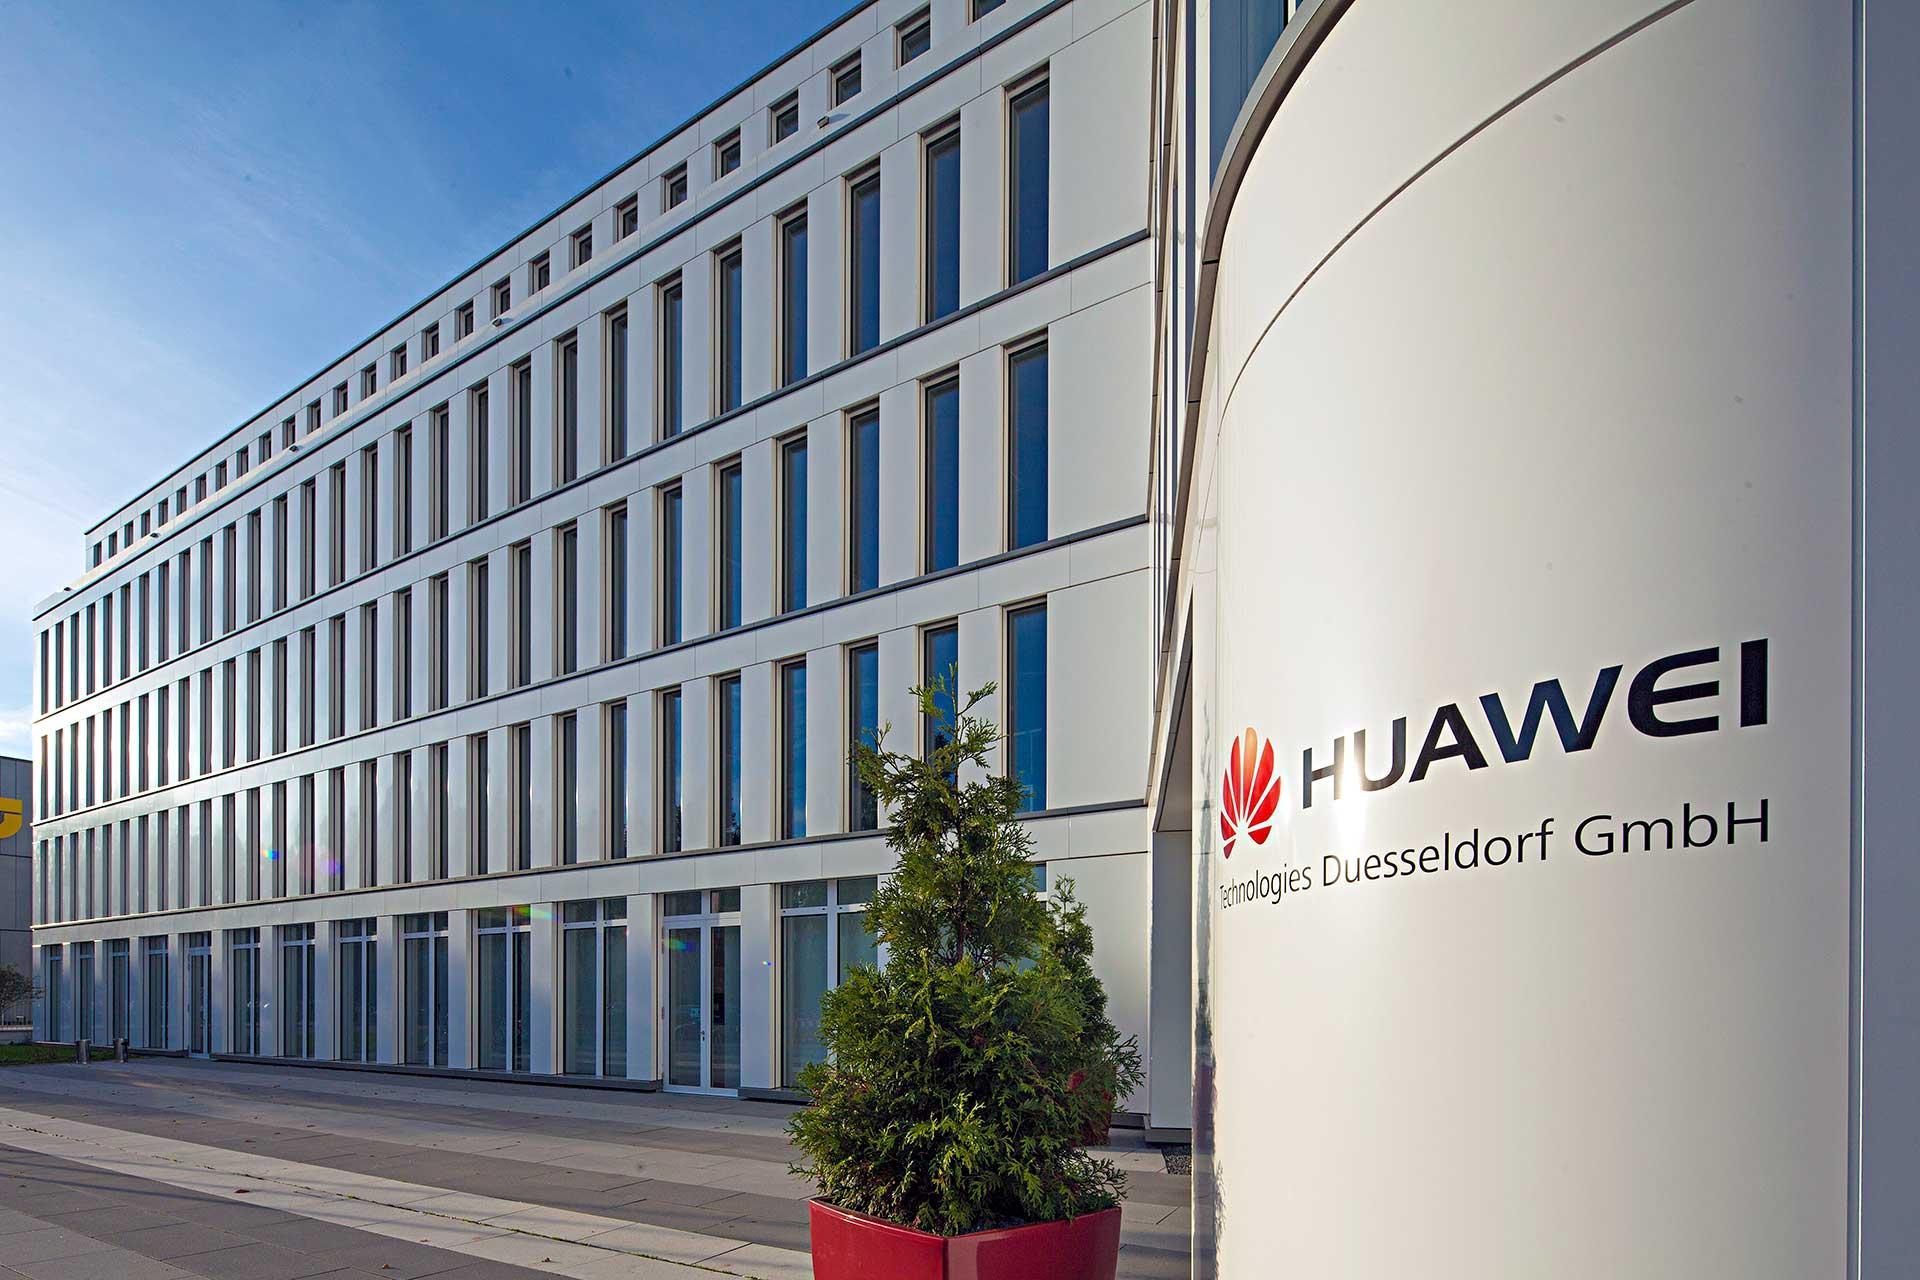 Huawei d sseldorf d ajf architekten - Architekten in dusseldorf ...